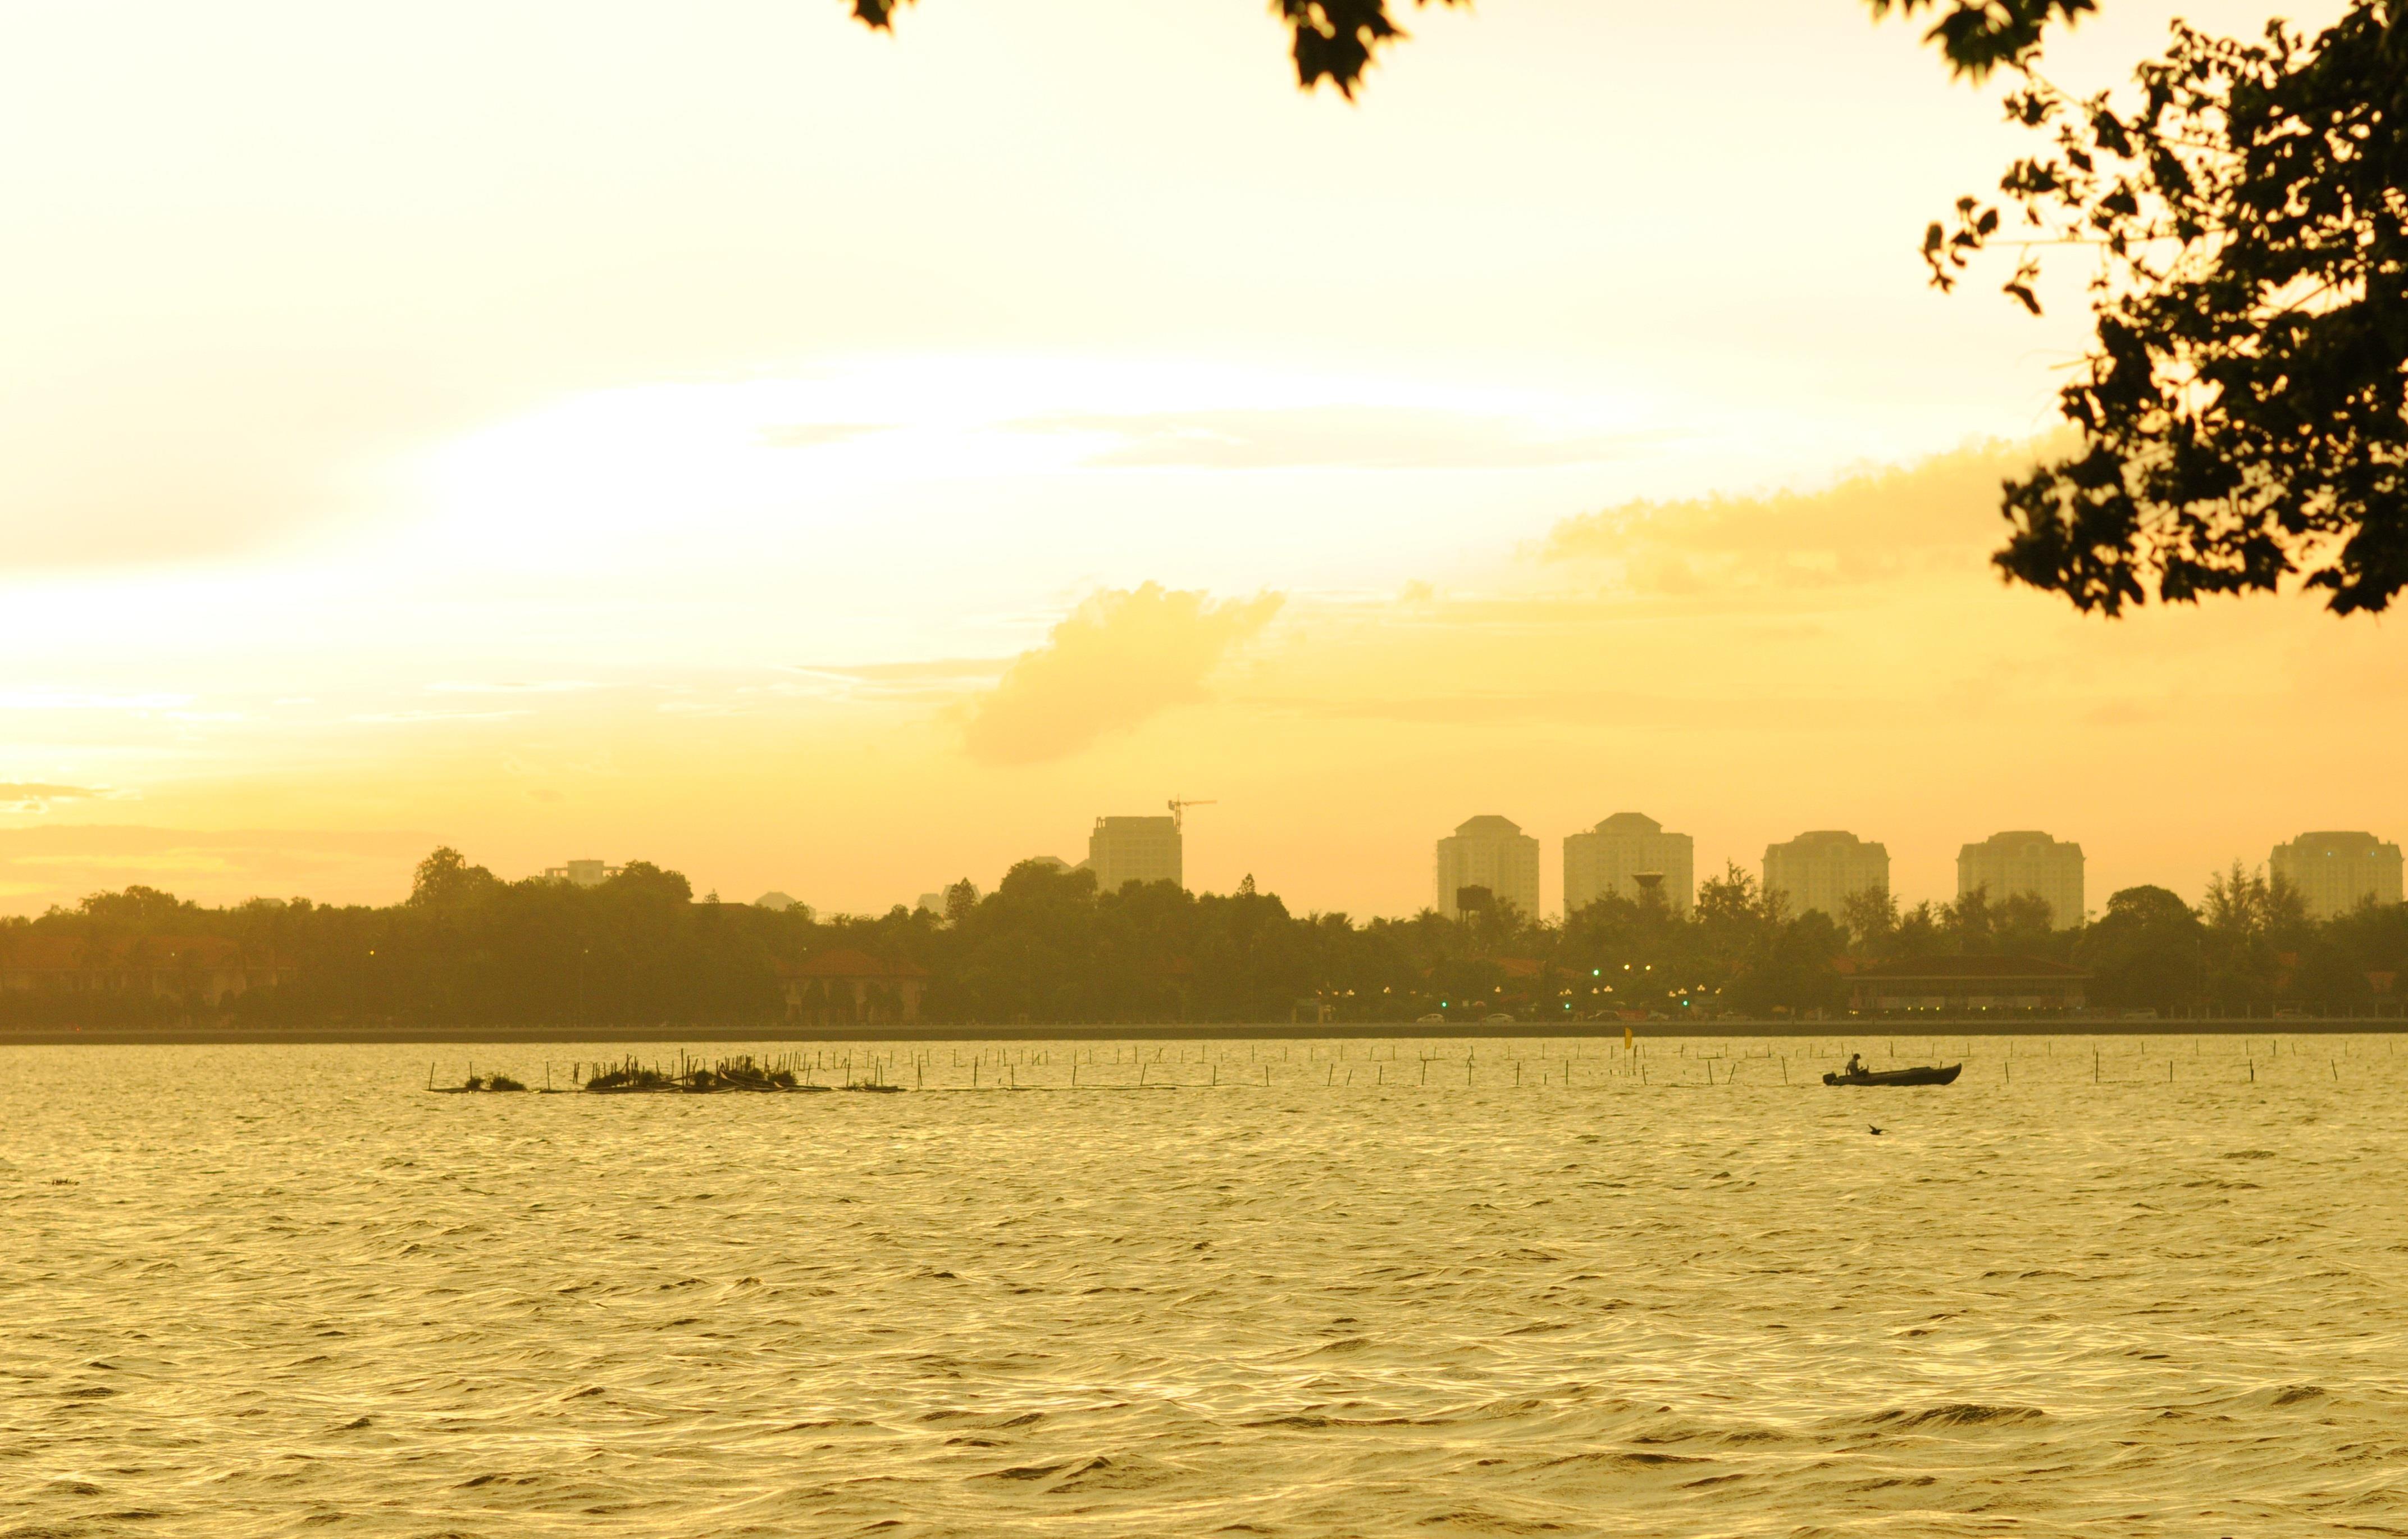 Ho Tay tho mong trong long Ha Noi hinh anh 36